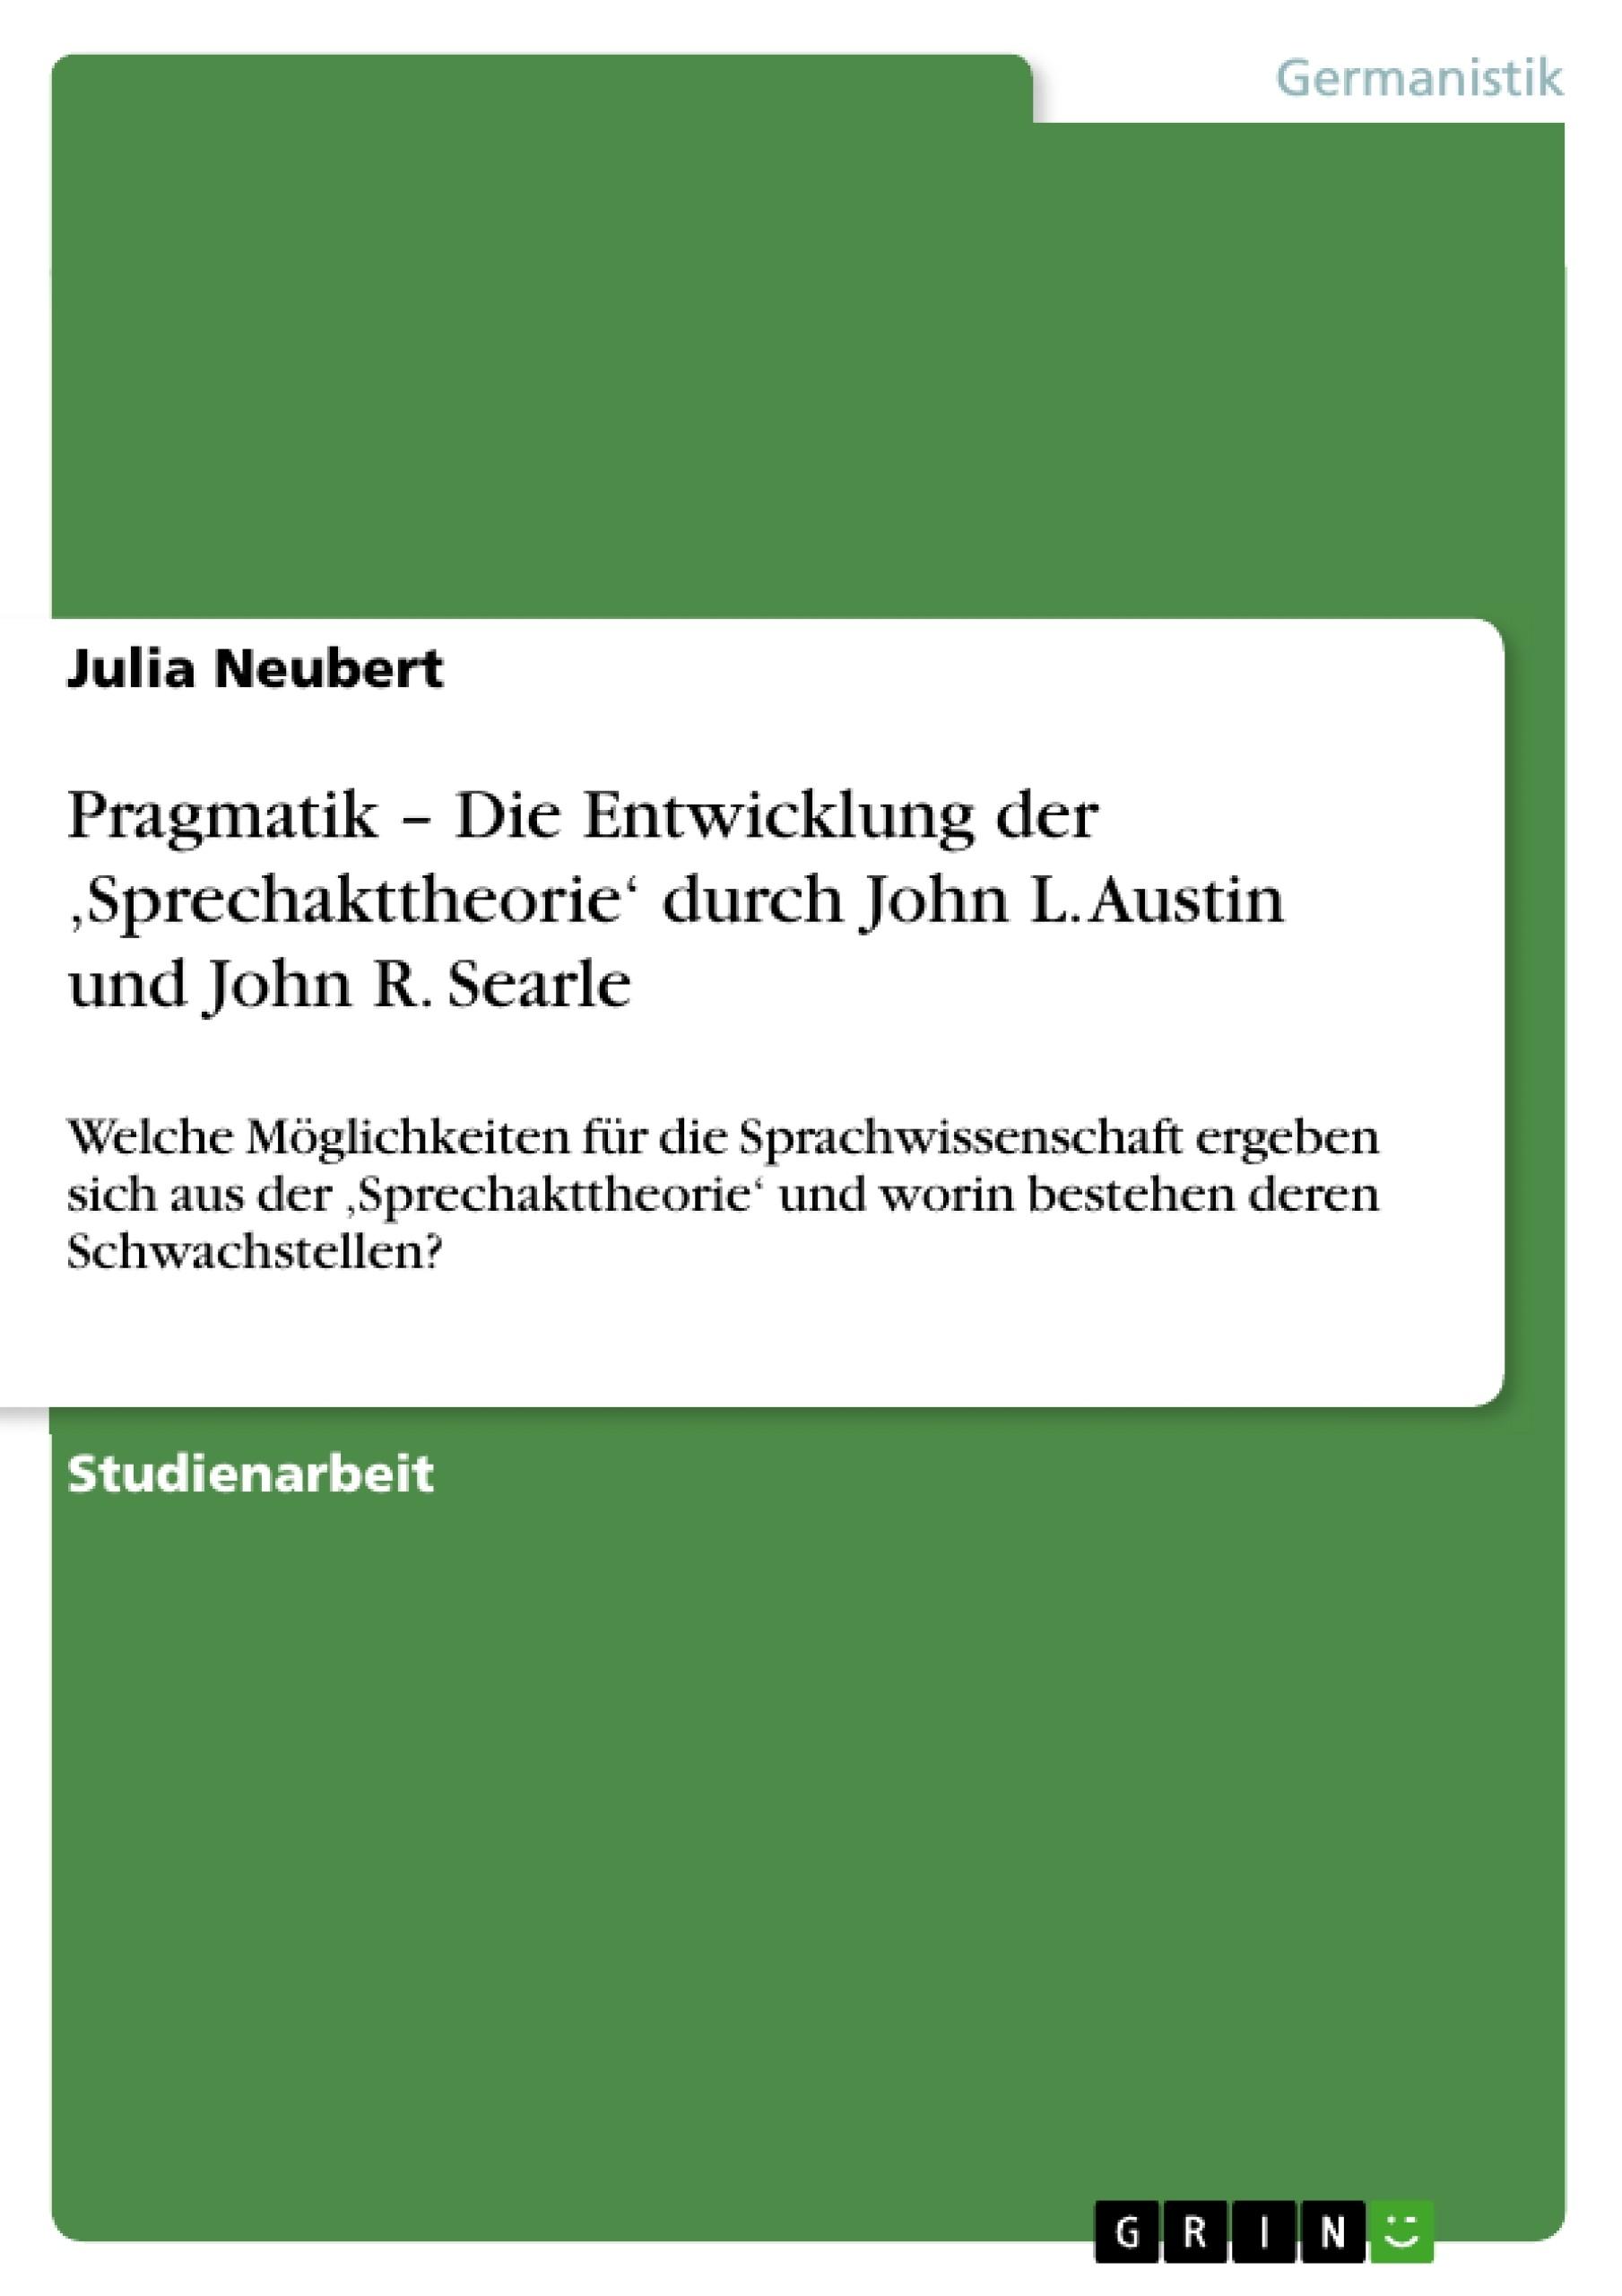 Titel: Pragmatik – Die Entwicklung der 'Sprechakttheorie' durch John L. Austin und John R. Searle